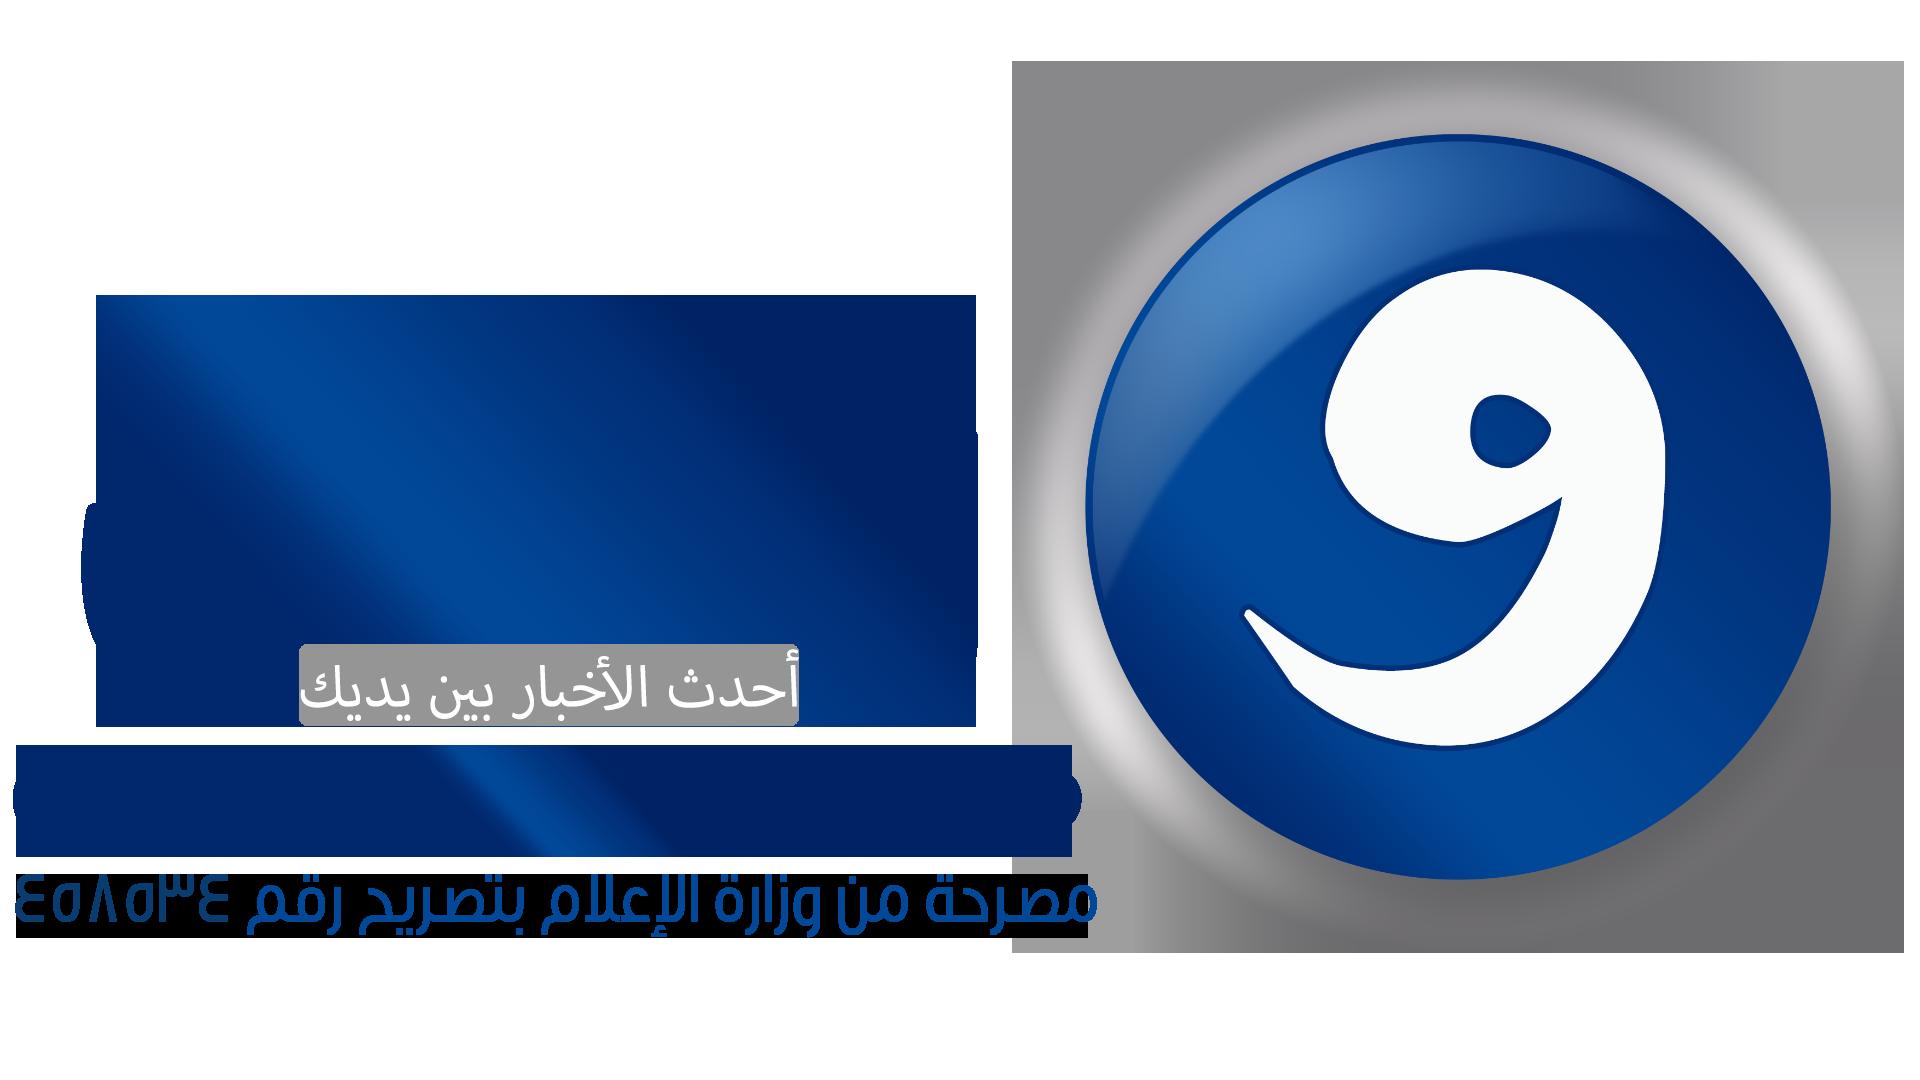 صحيفة واصل الإلكترونية